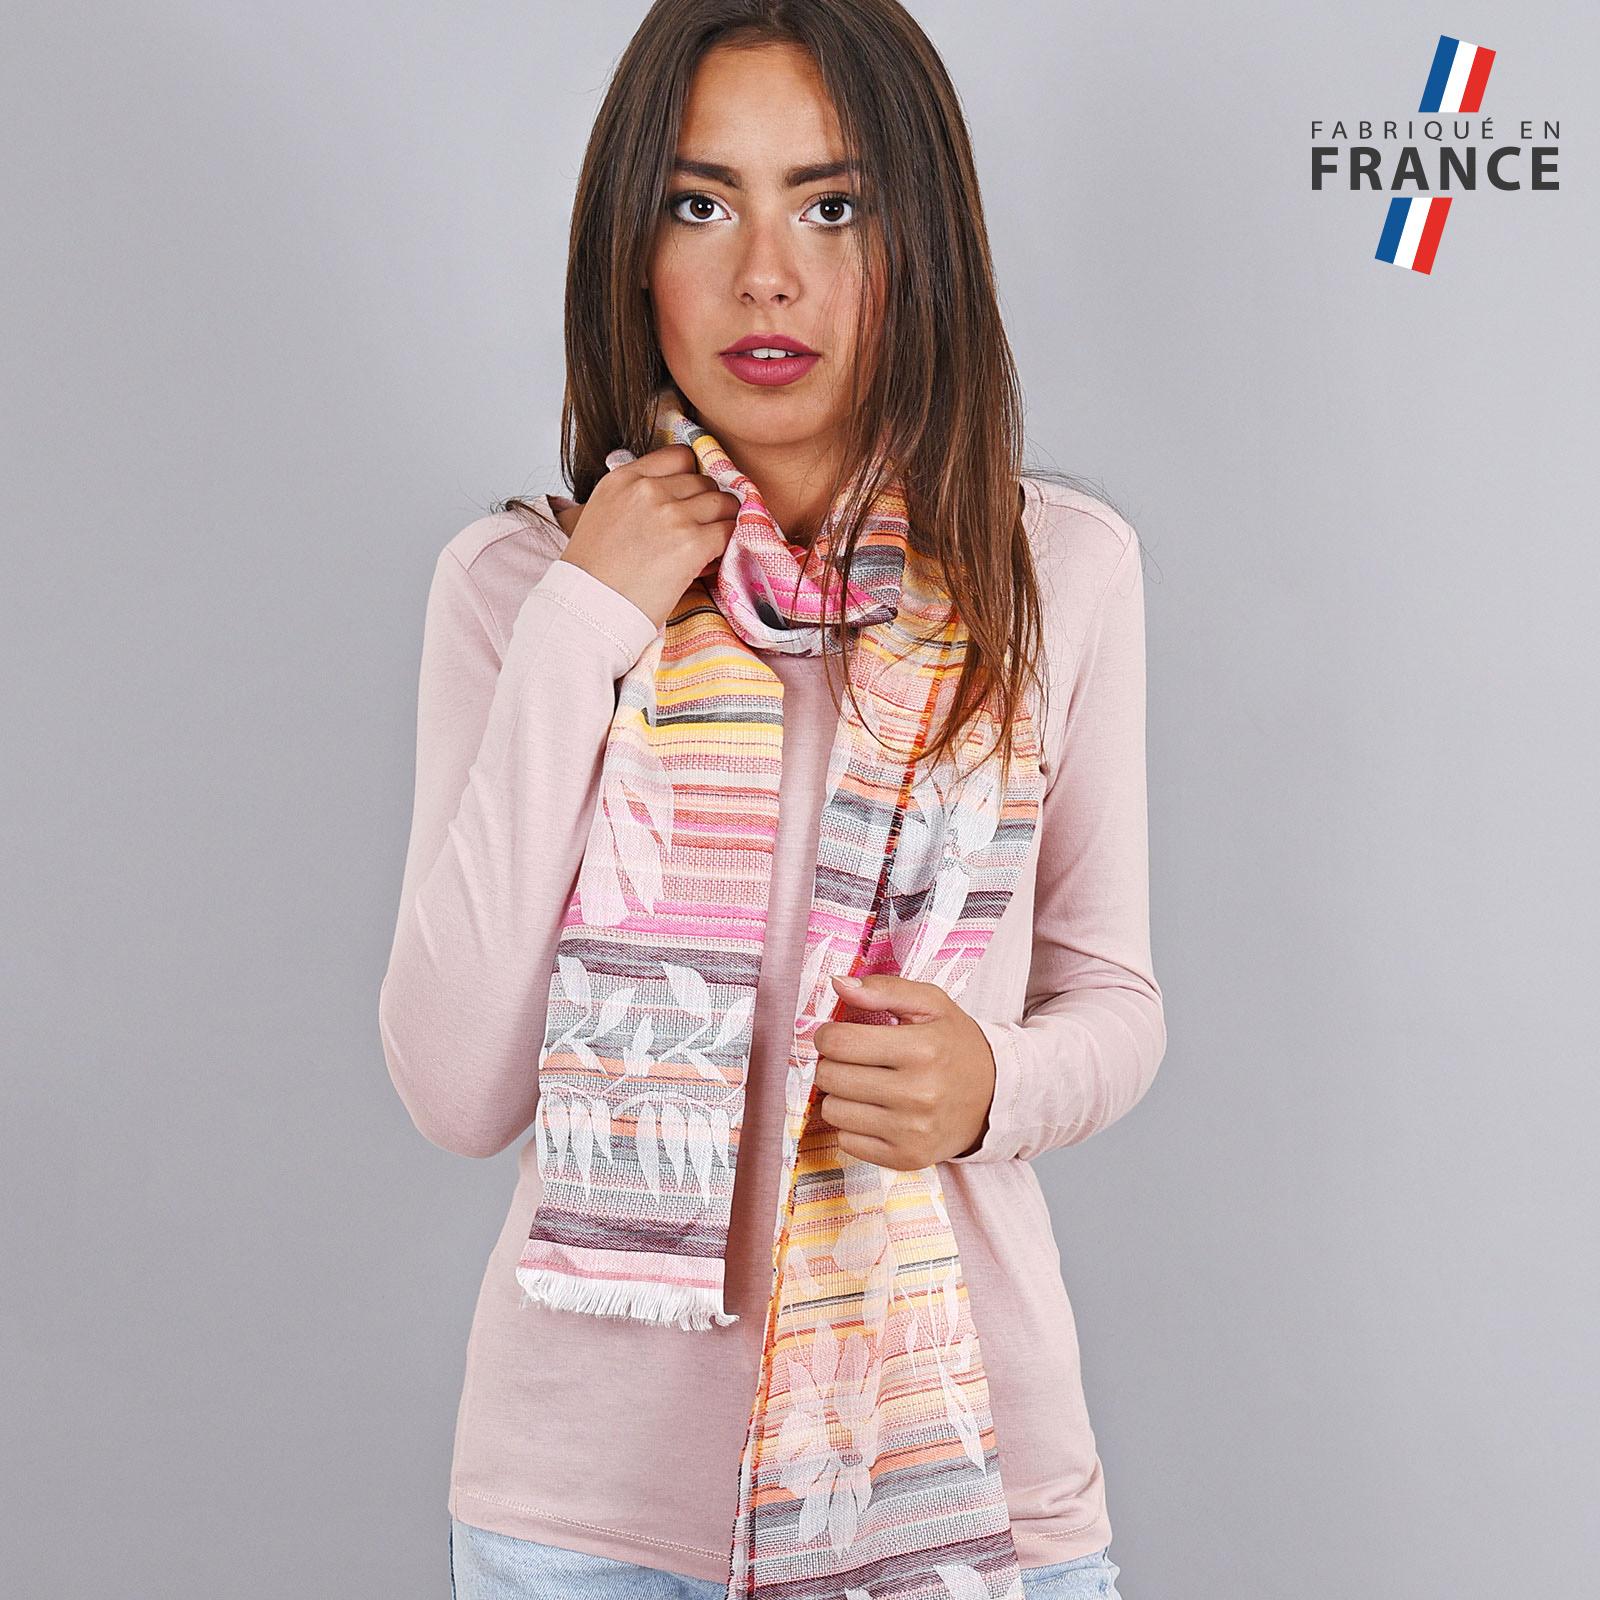 AT-03582-rose-VF16-LB_FR-echarpe-legers-rayures-rose-jaune-orange-qualicoq